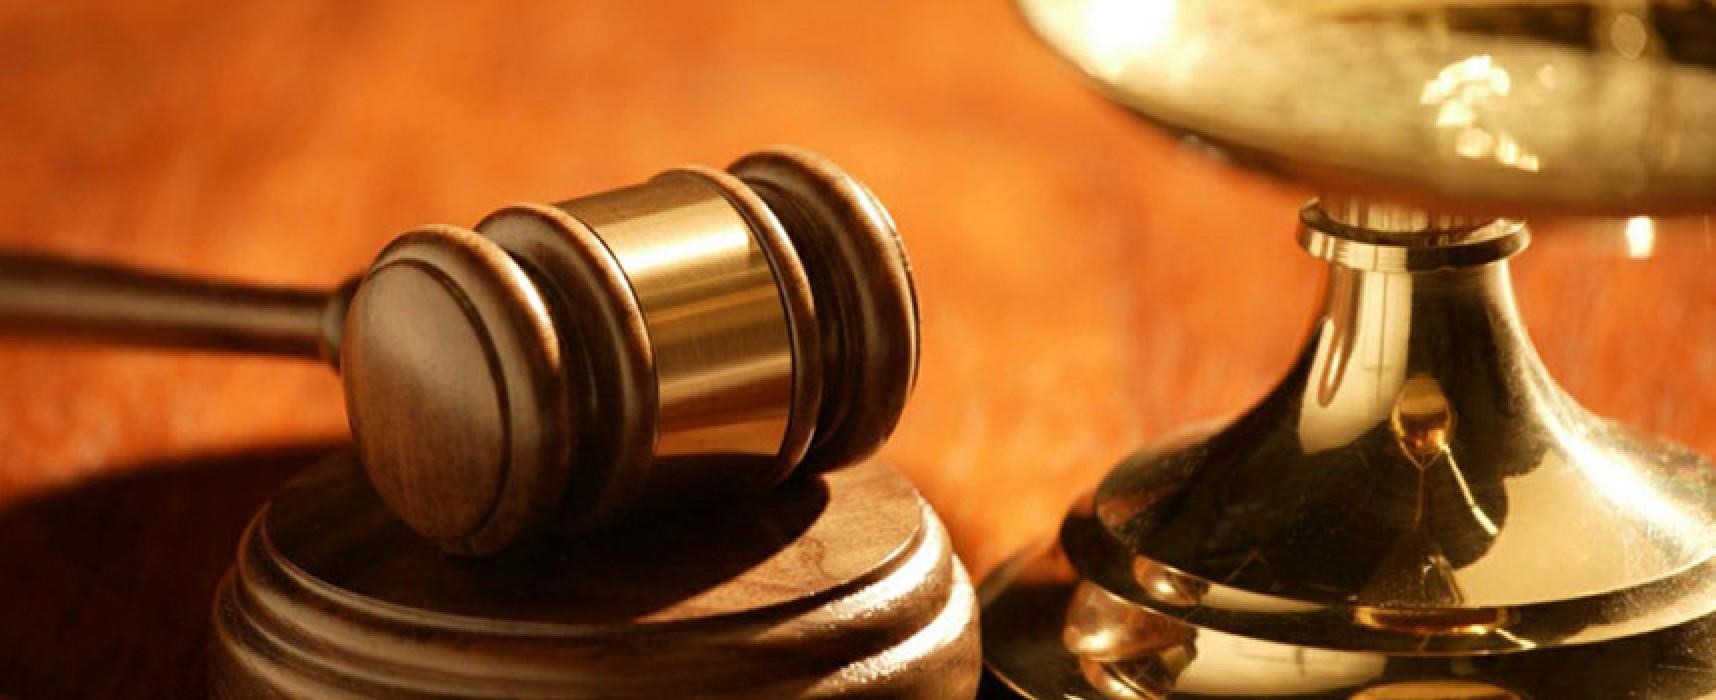 CE.R.IN. S.r.l. cerca un avvocato per il servizio legale del Comune di recupero delle multe non pagate